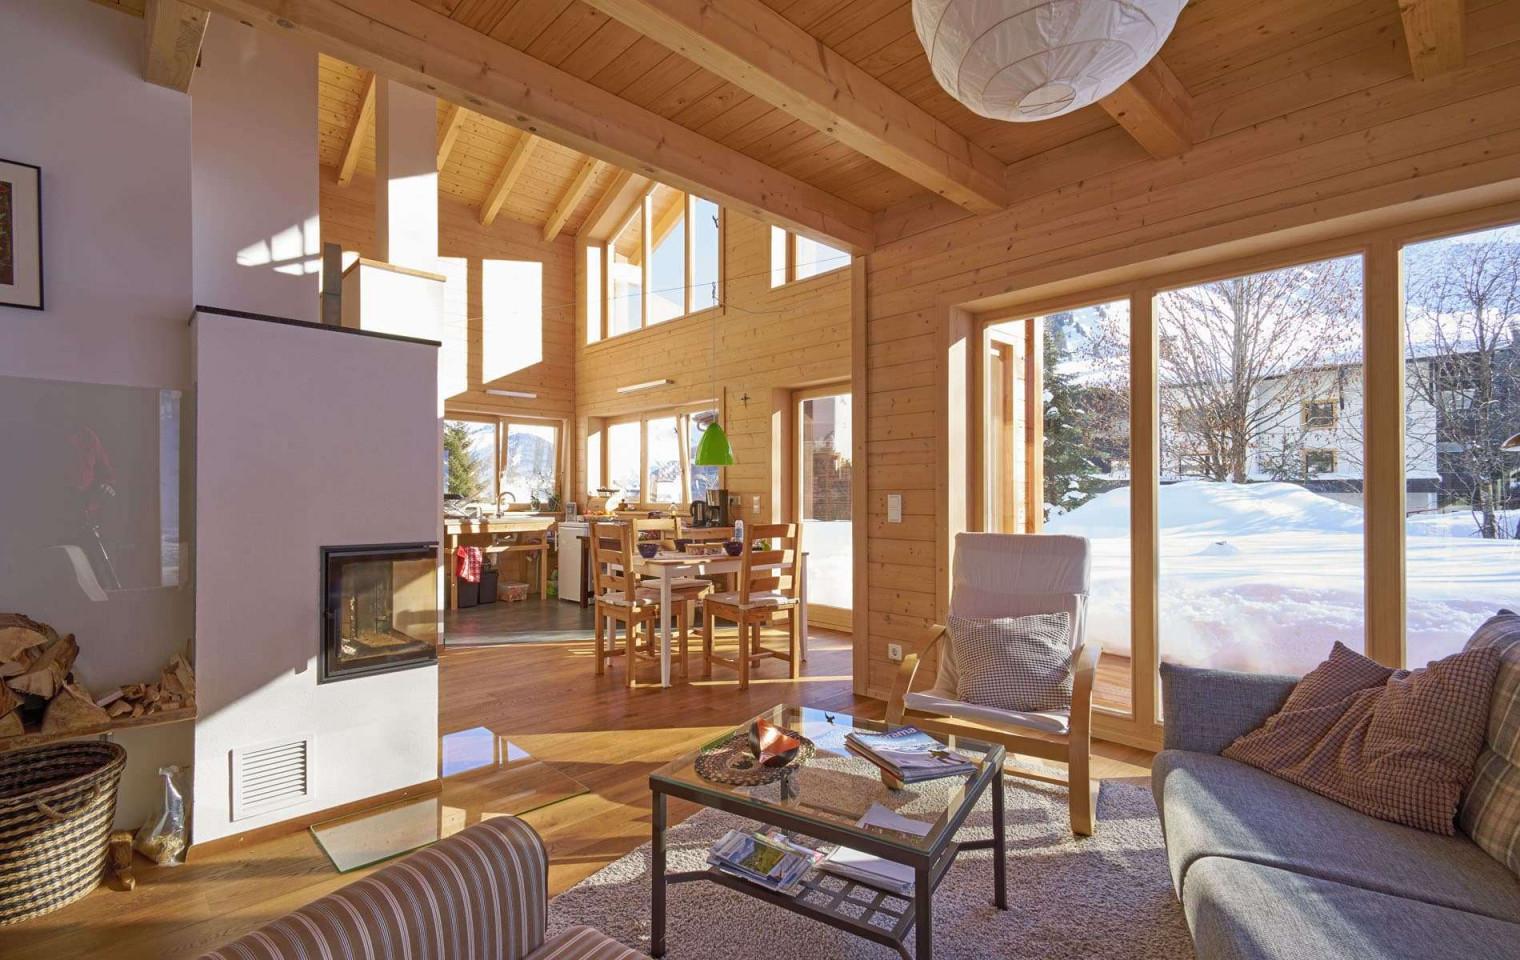 Das Wohnzimmer Gemütlich Einrichten Für Den Winter von Gemütliches Wohnzimmer Ideen Bild